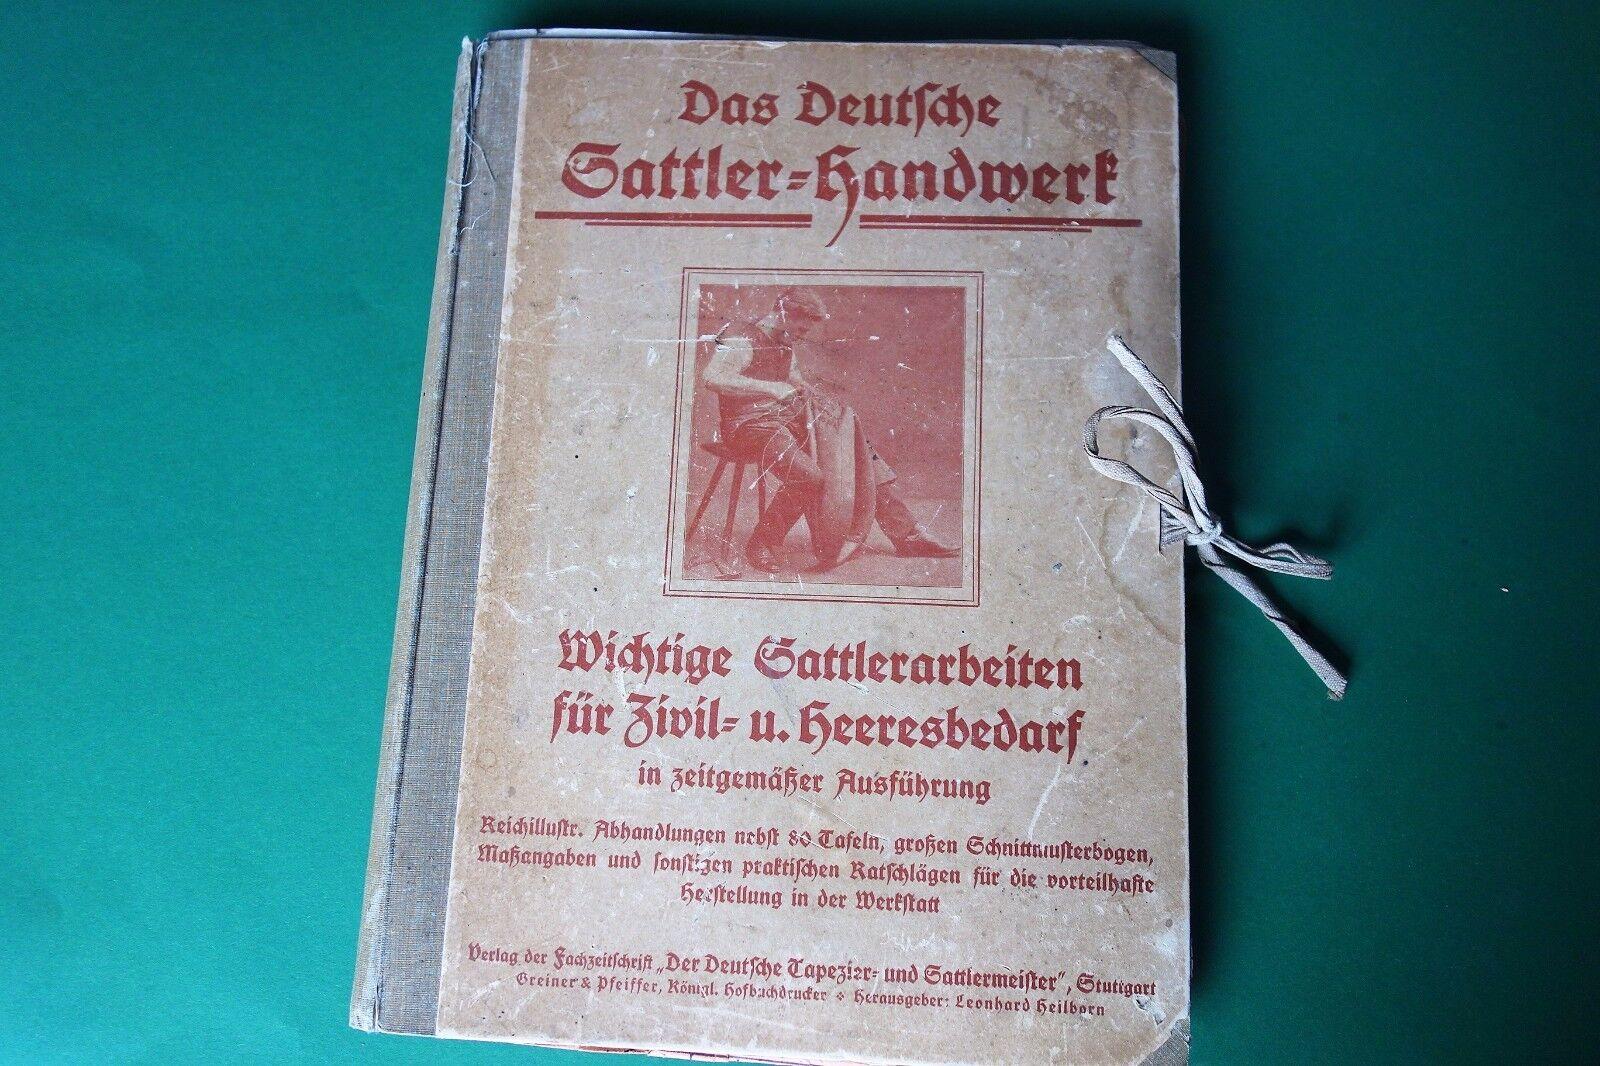 Sattler-Handwerk Sattlerarbeiten Heeresbedarf  ca.1919 Armee Kavallerie Pferd